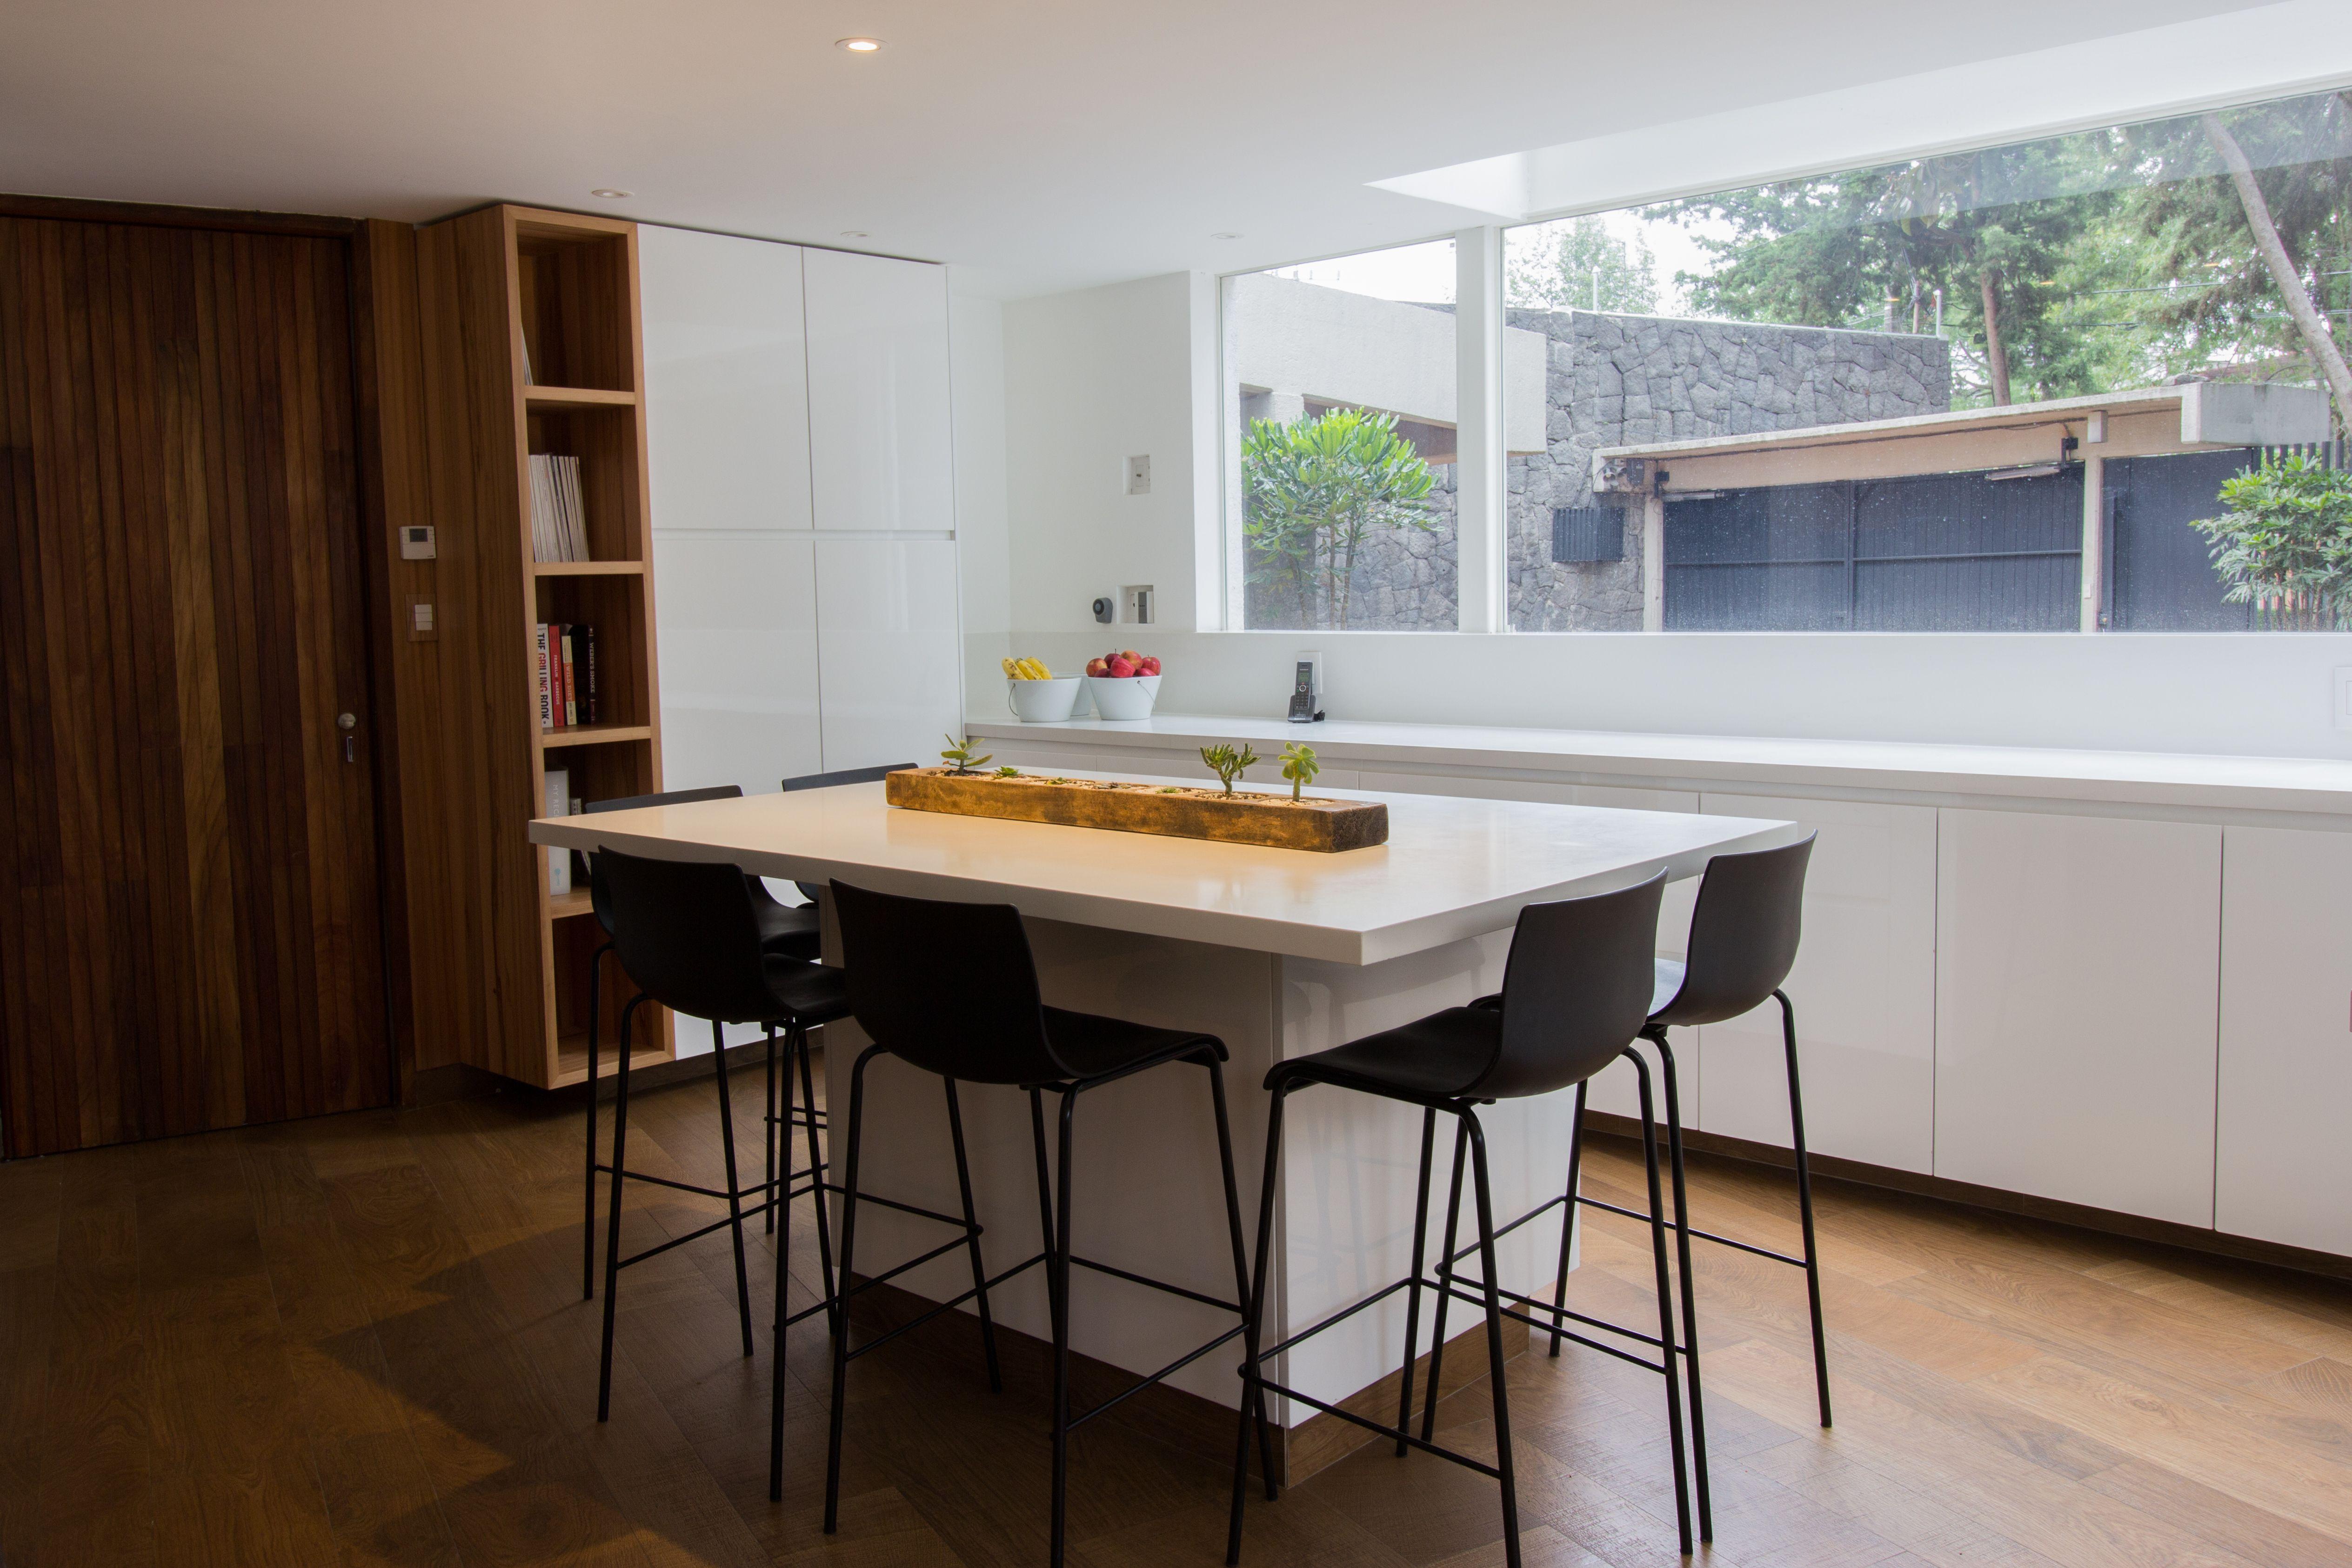 Isla desayunador en cocina blanca con torre de nichos de for Desayunador cocina comedor